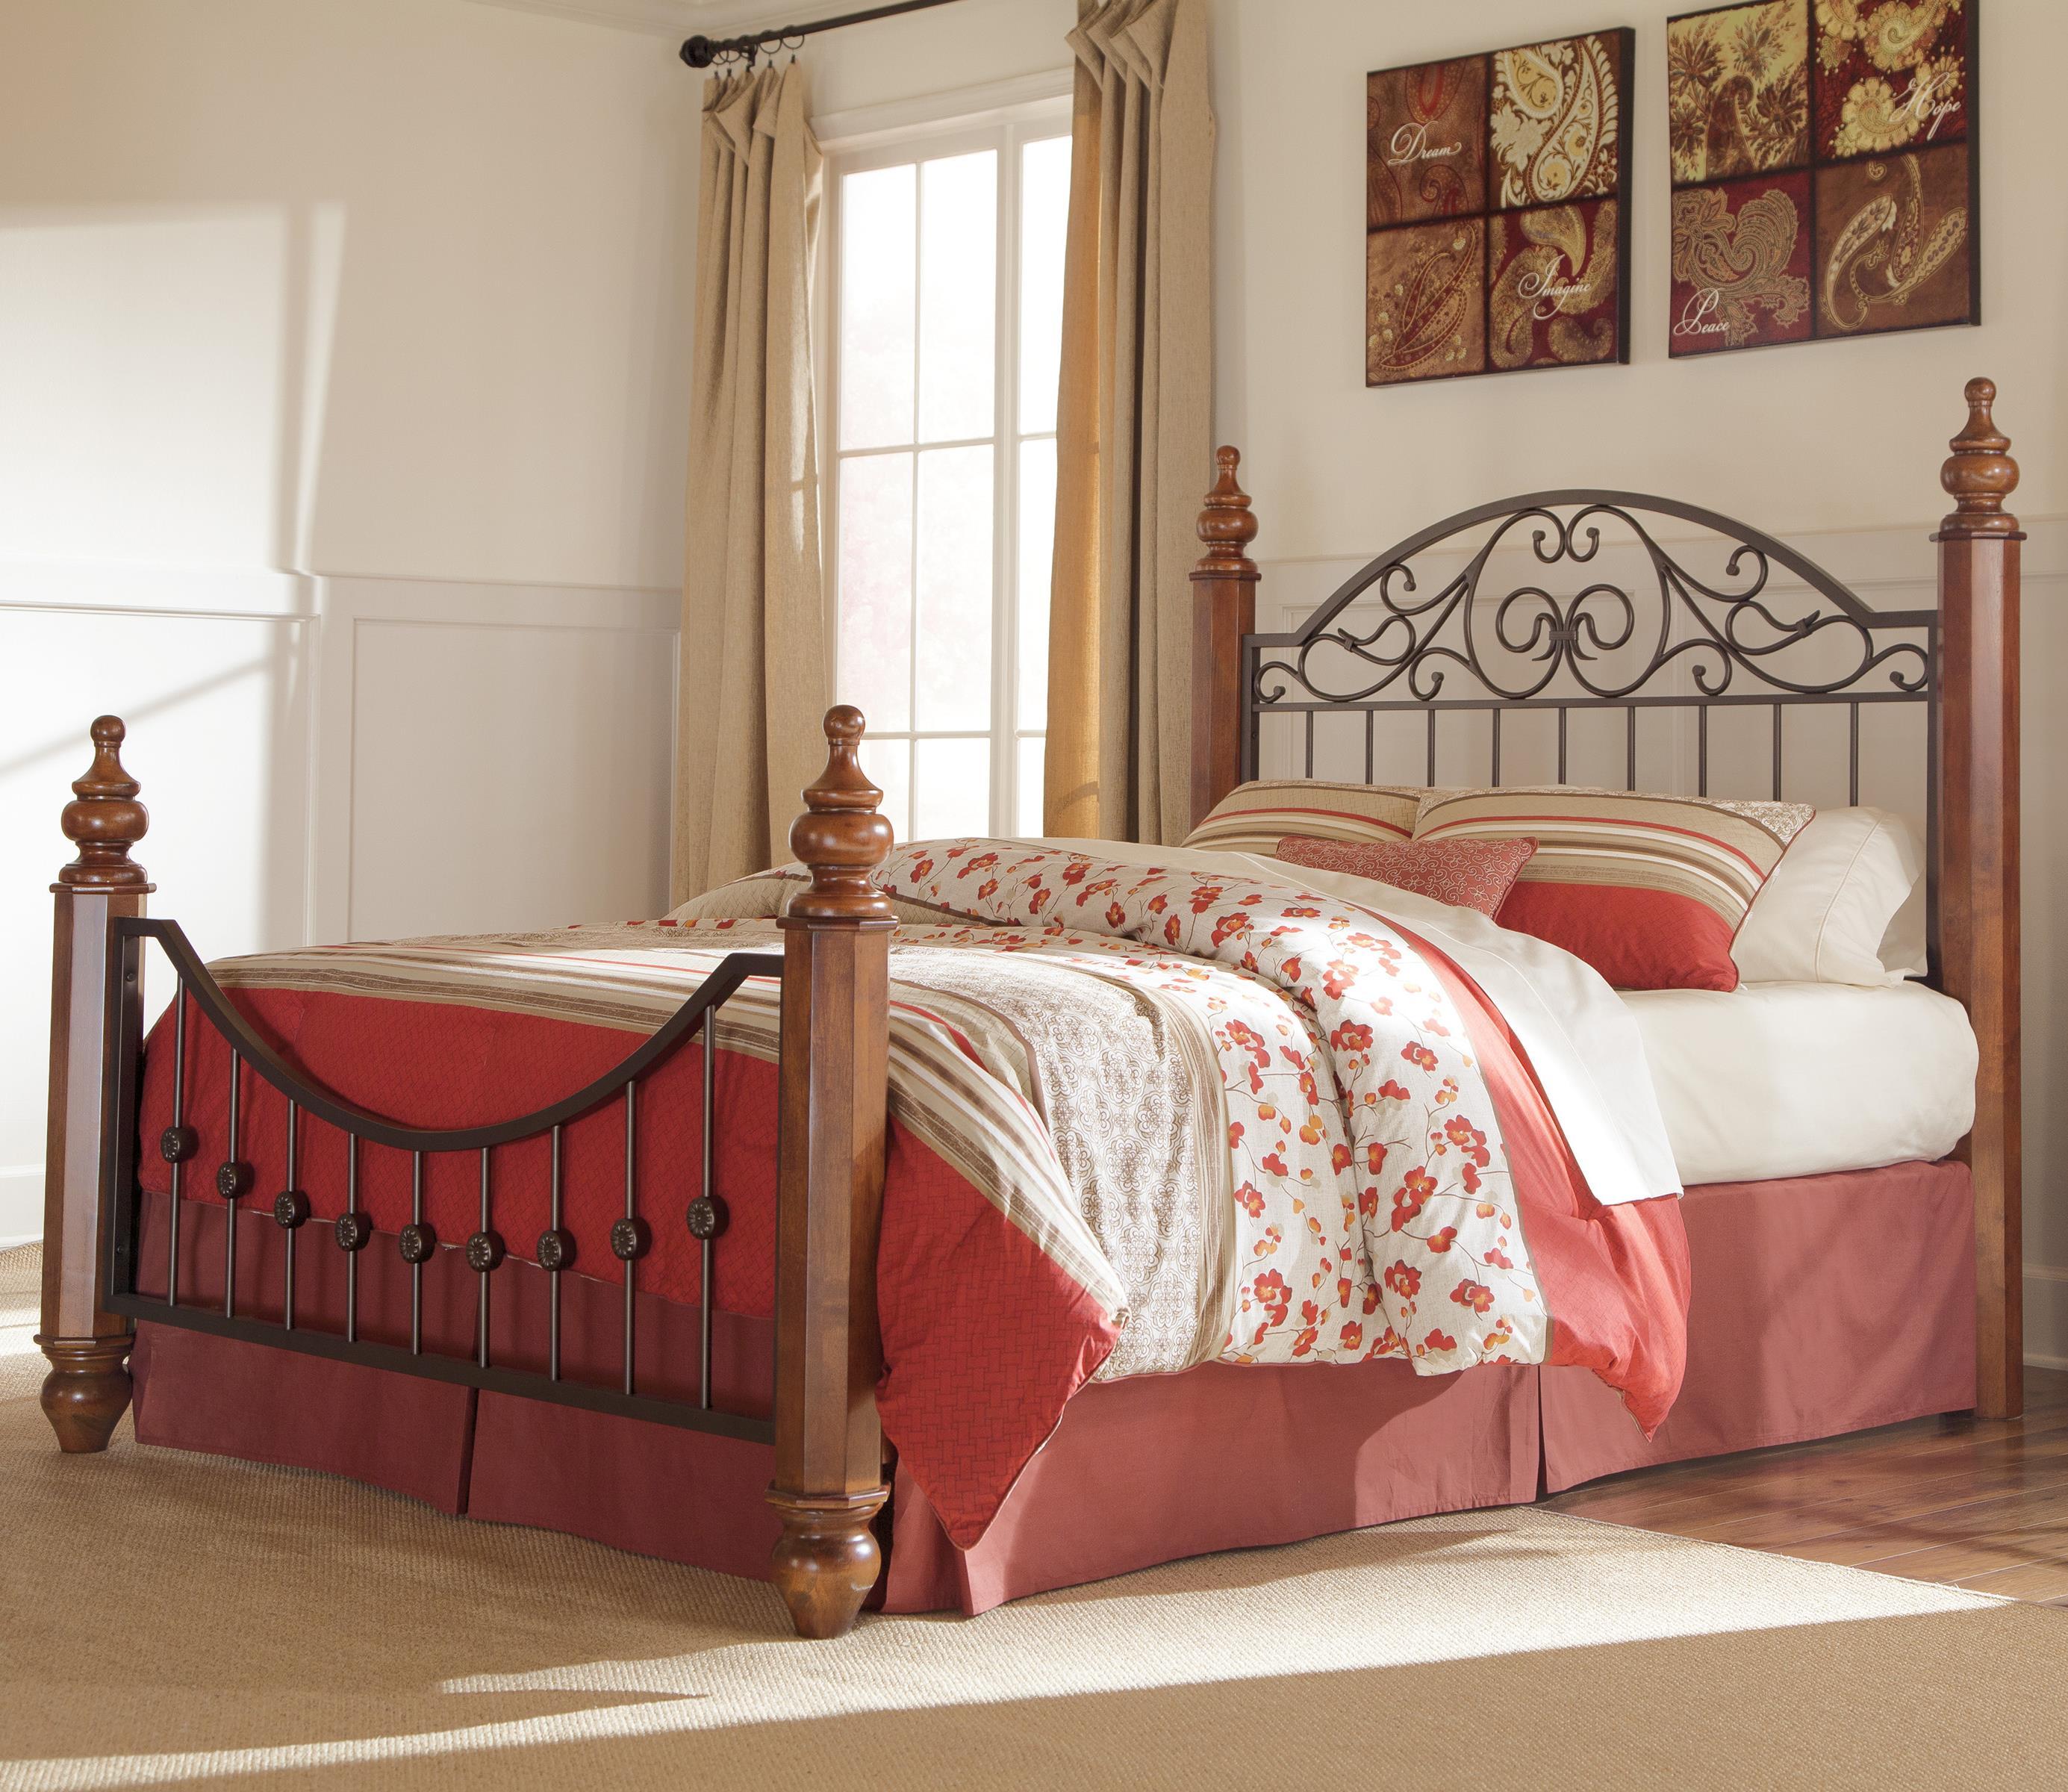 Vachel Poster Bedroom Set From Ashley B264 67 64 98 61: Ashley King Poster Bedroom Set. Timberline King Size